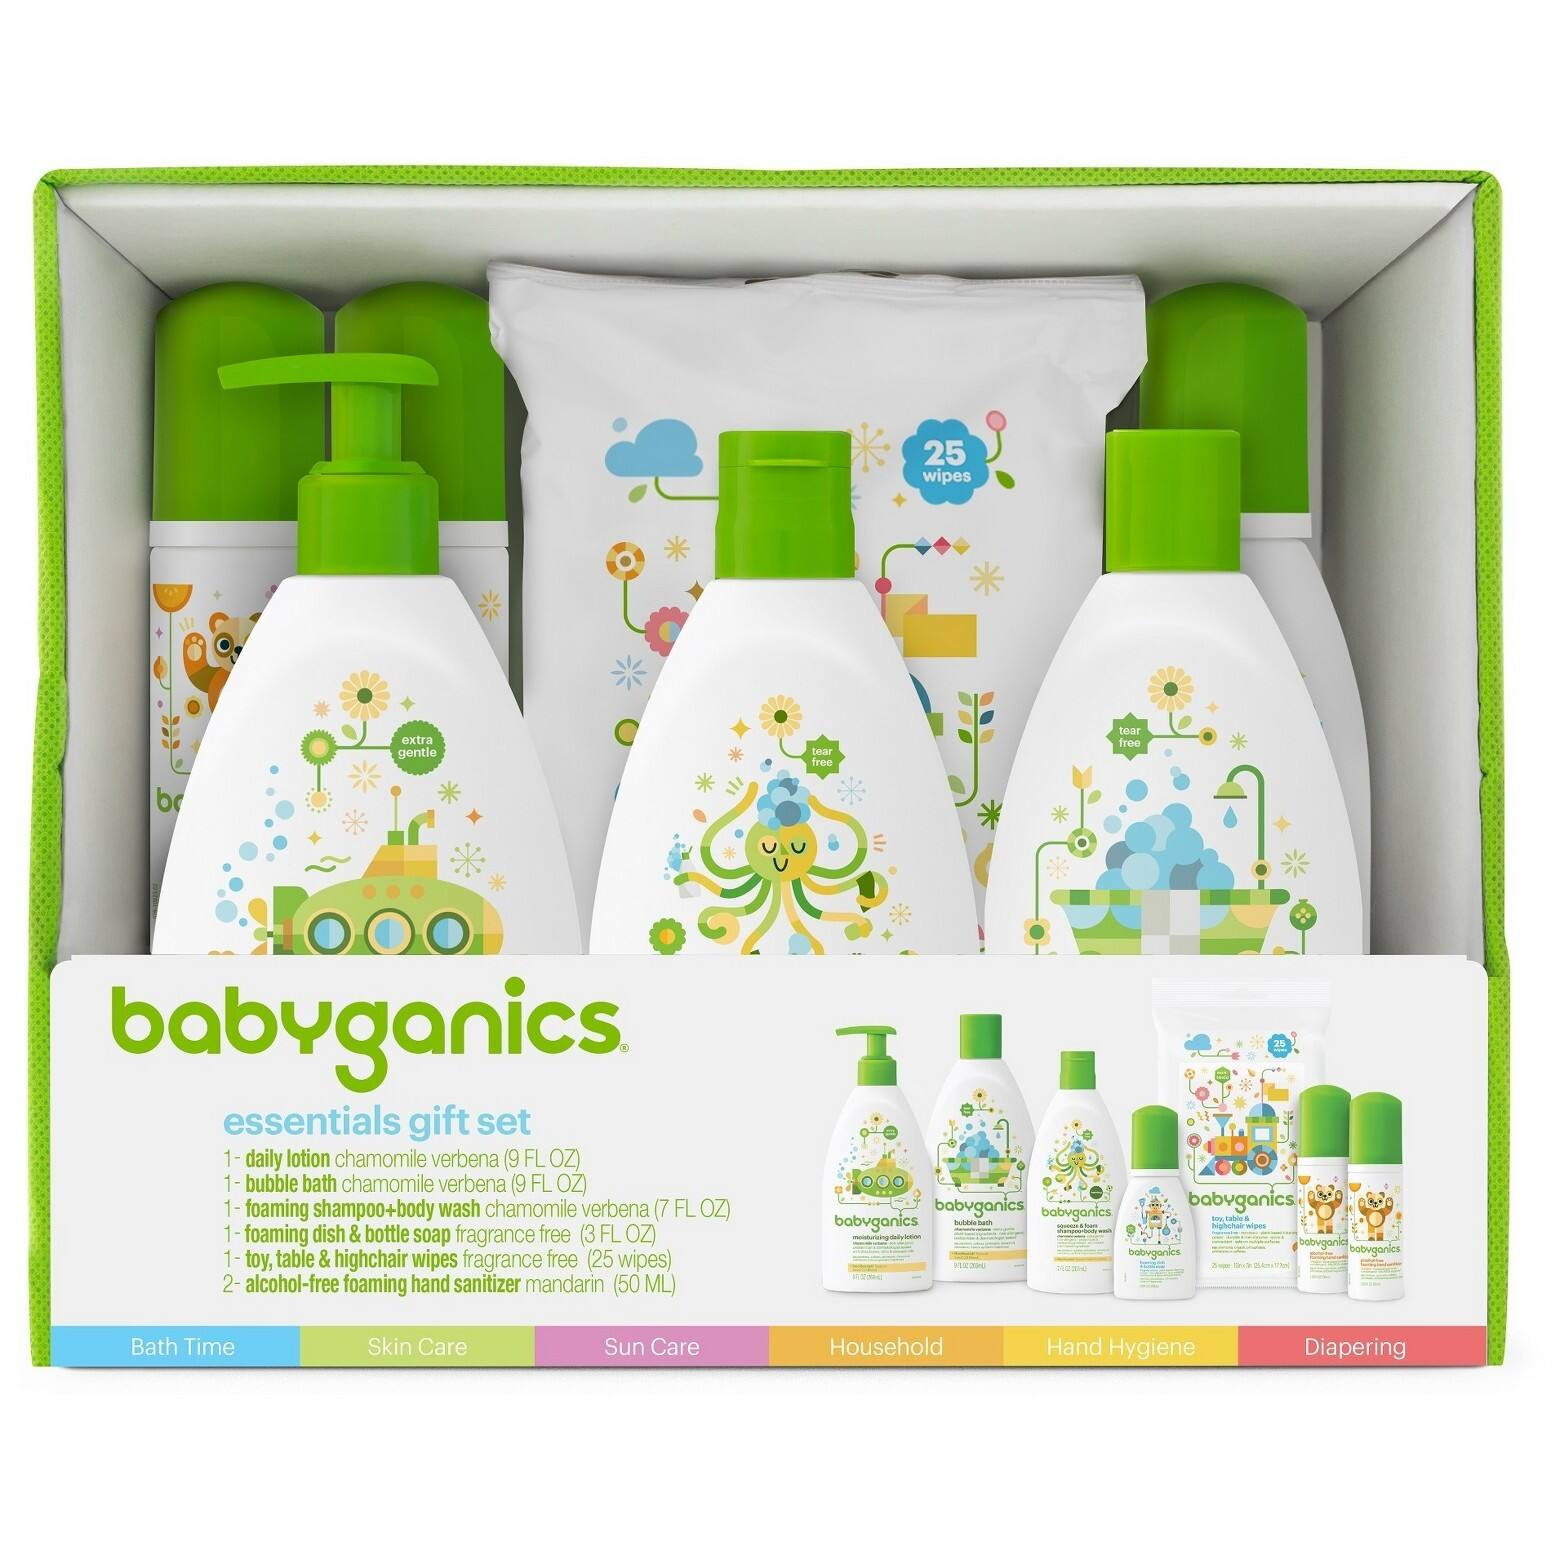 Babyganics Baby-Safe World Essentials Kit $17.99